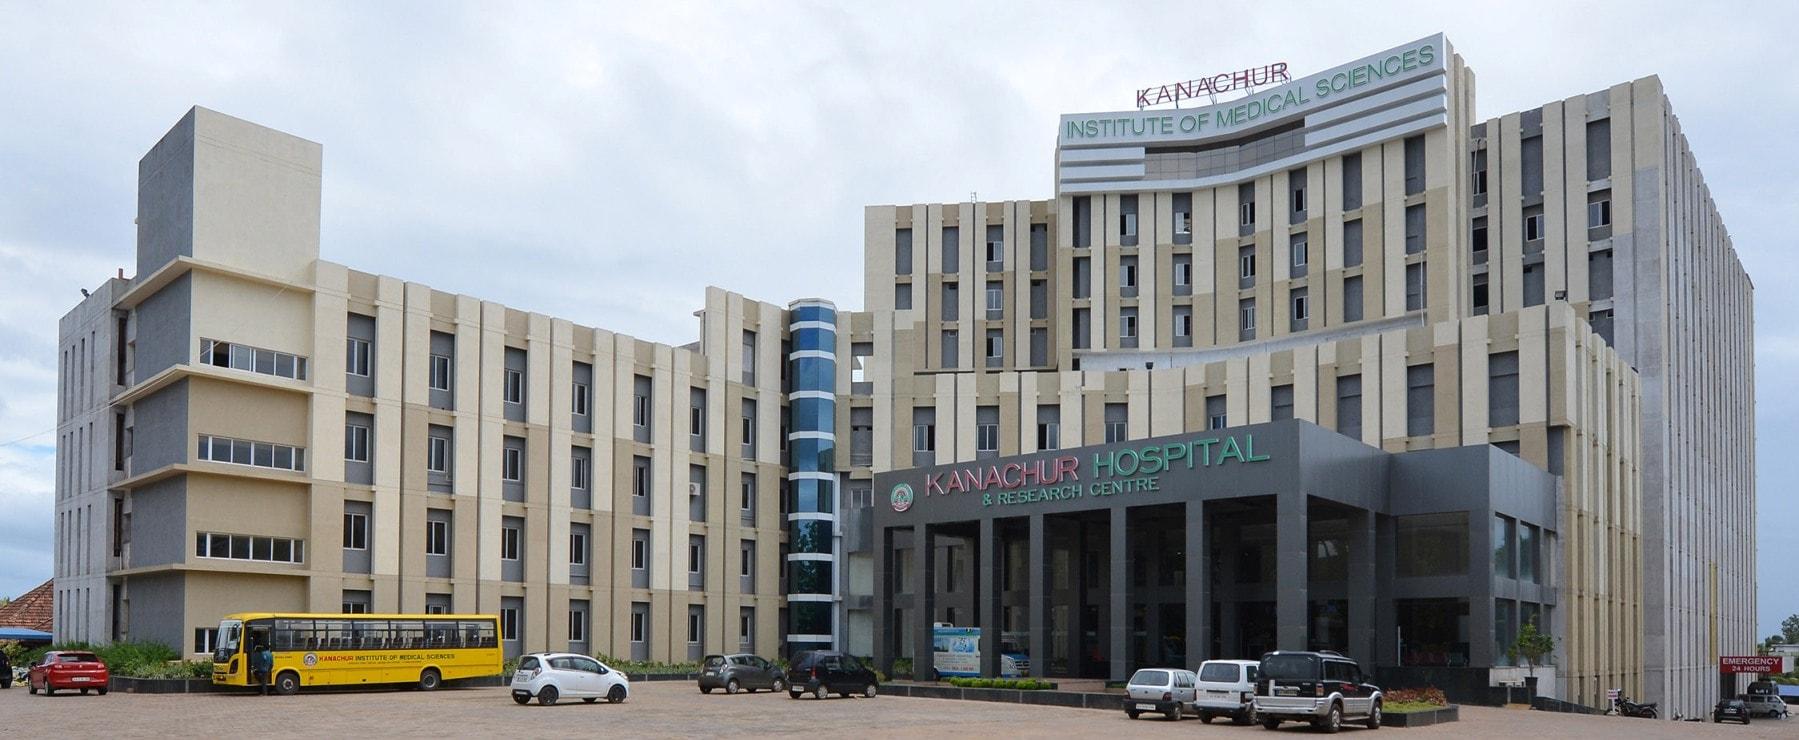 Kanachur Institute of Medical Sciences